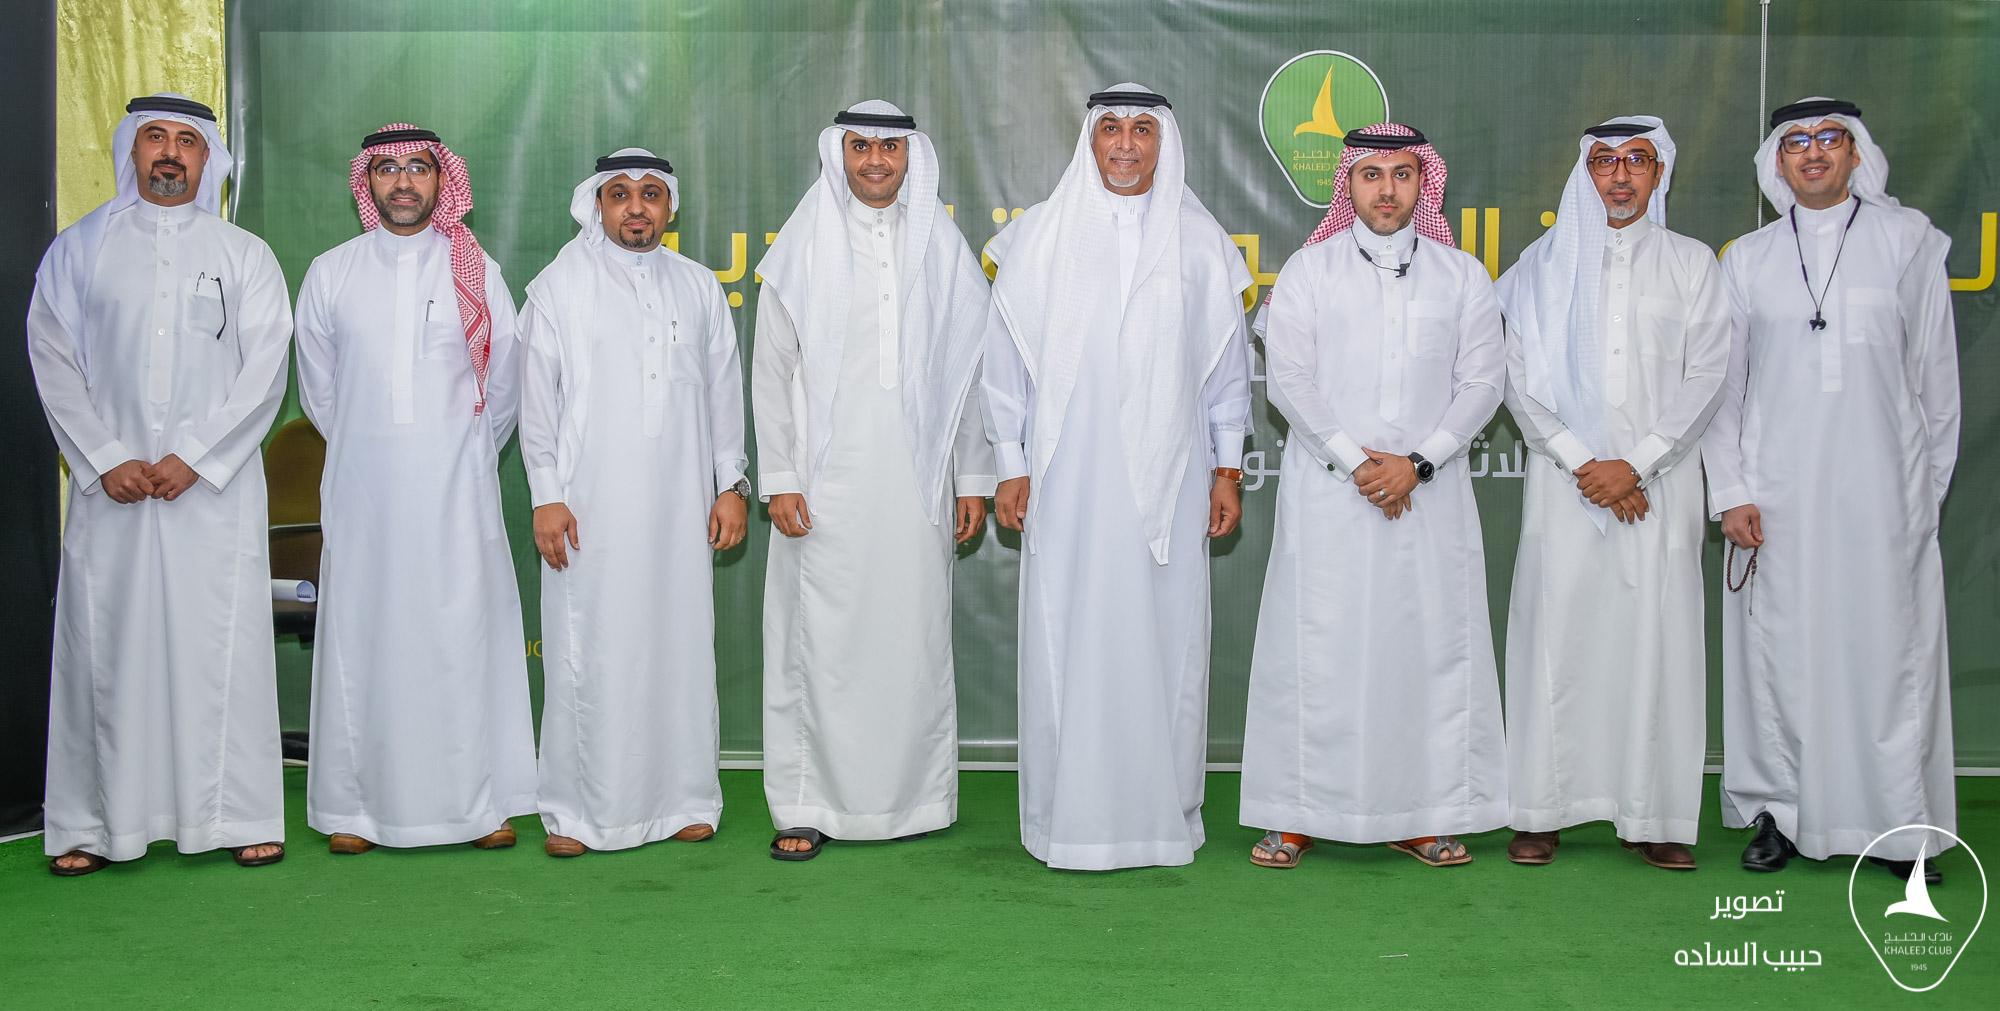 الربعان يعتمد المناصب الرئيسية ، الهمل نائباً وآل عباس أمينًا للمجلس